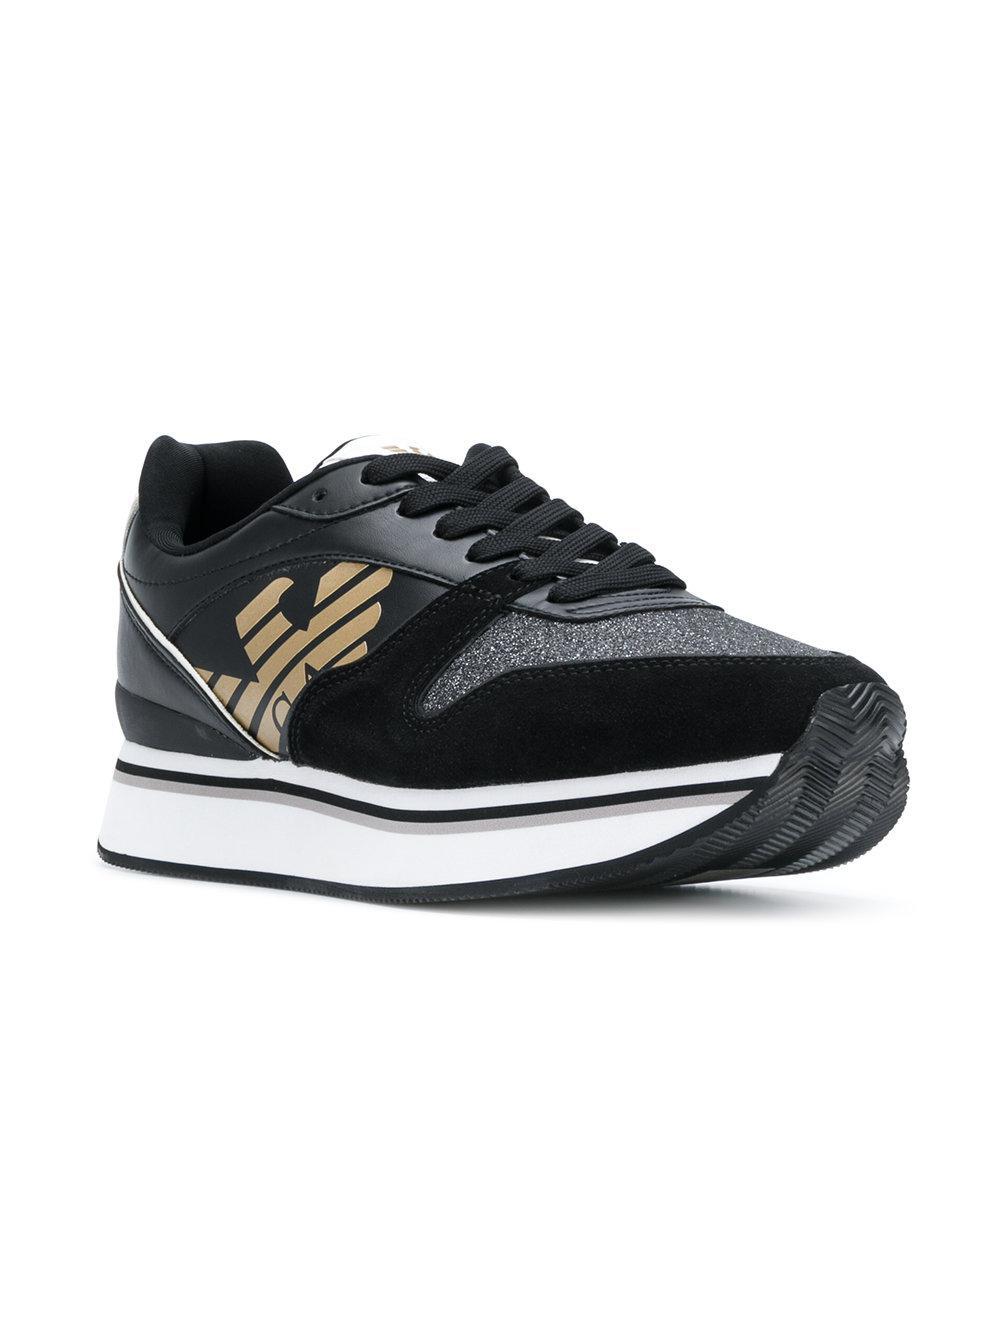 flatform logo sneakers - Black Emporio Armani XfNlGrC